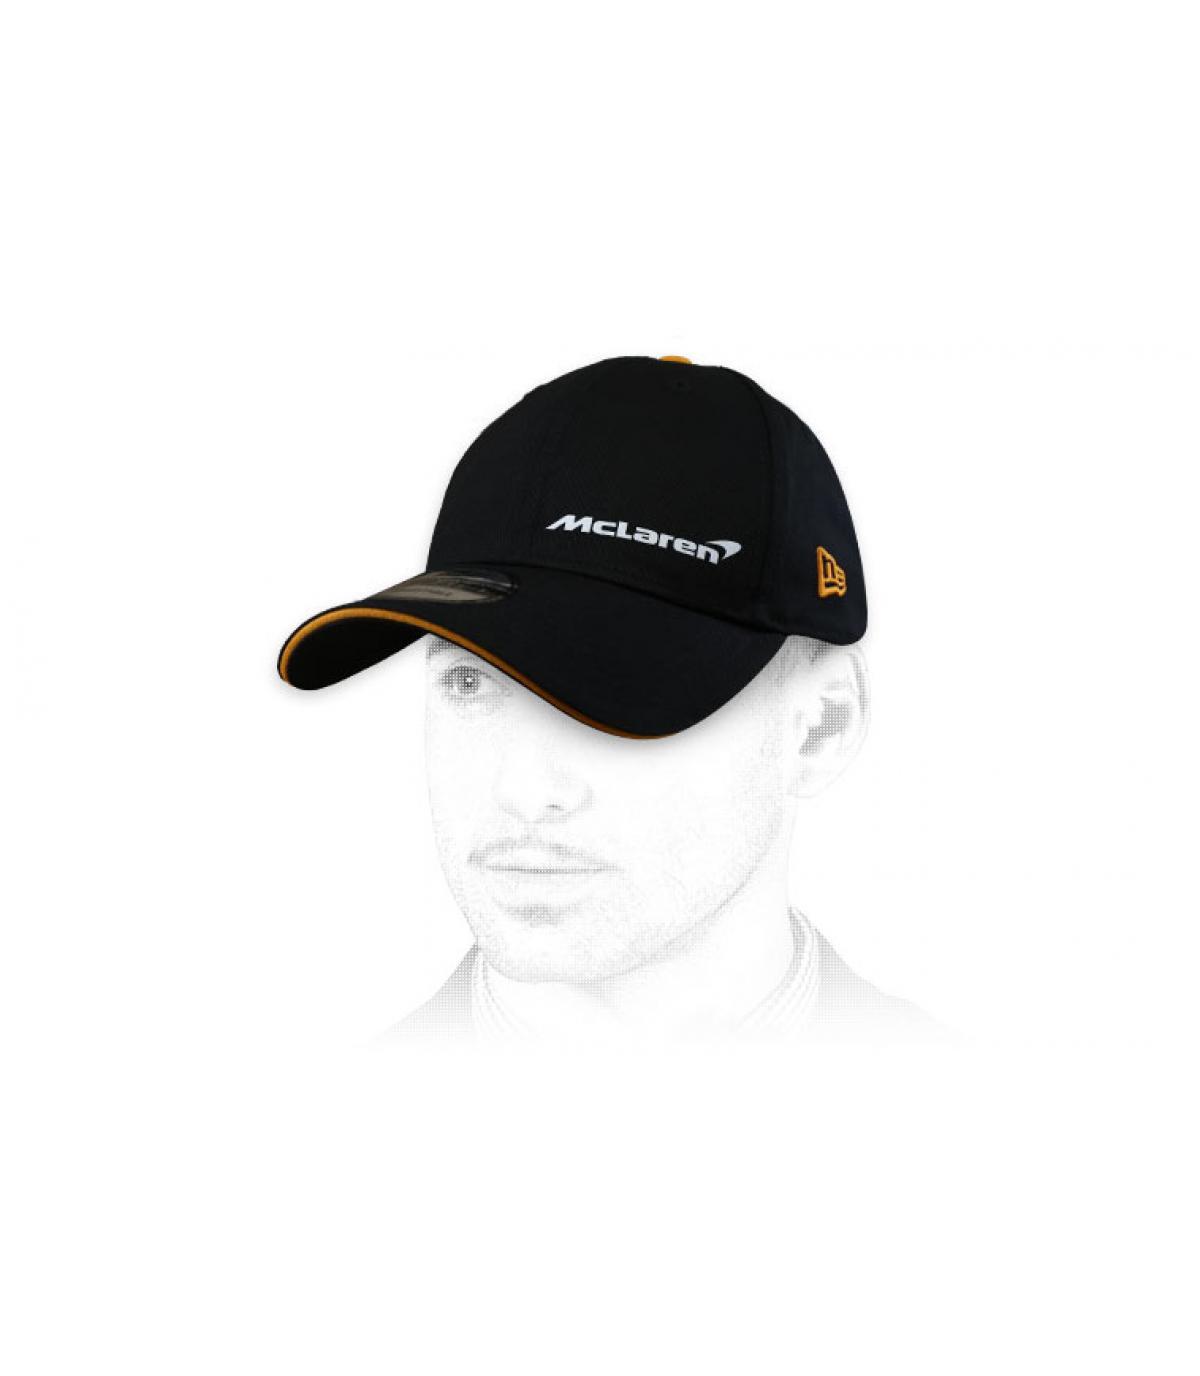 Cap McLaren schwarz